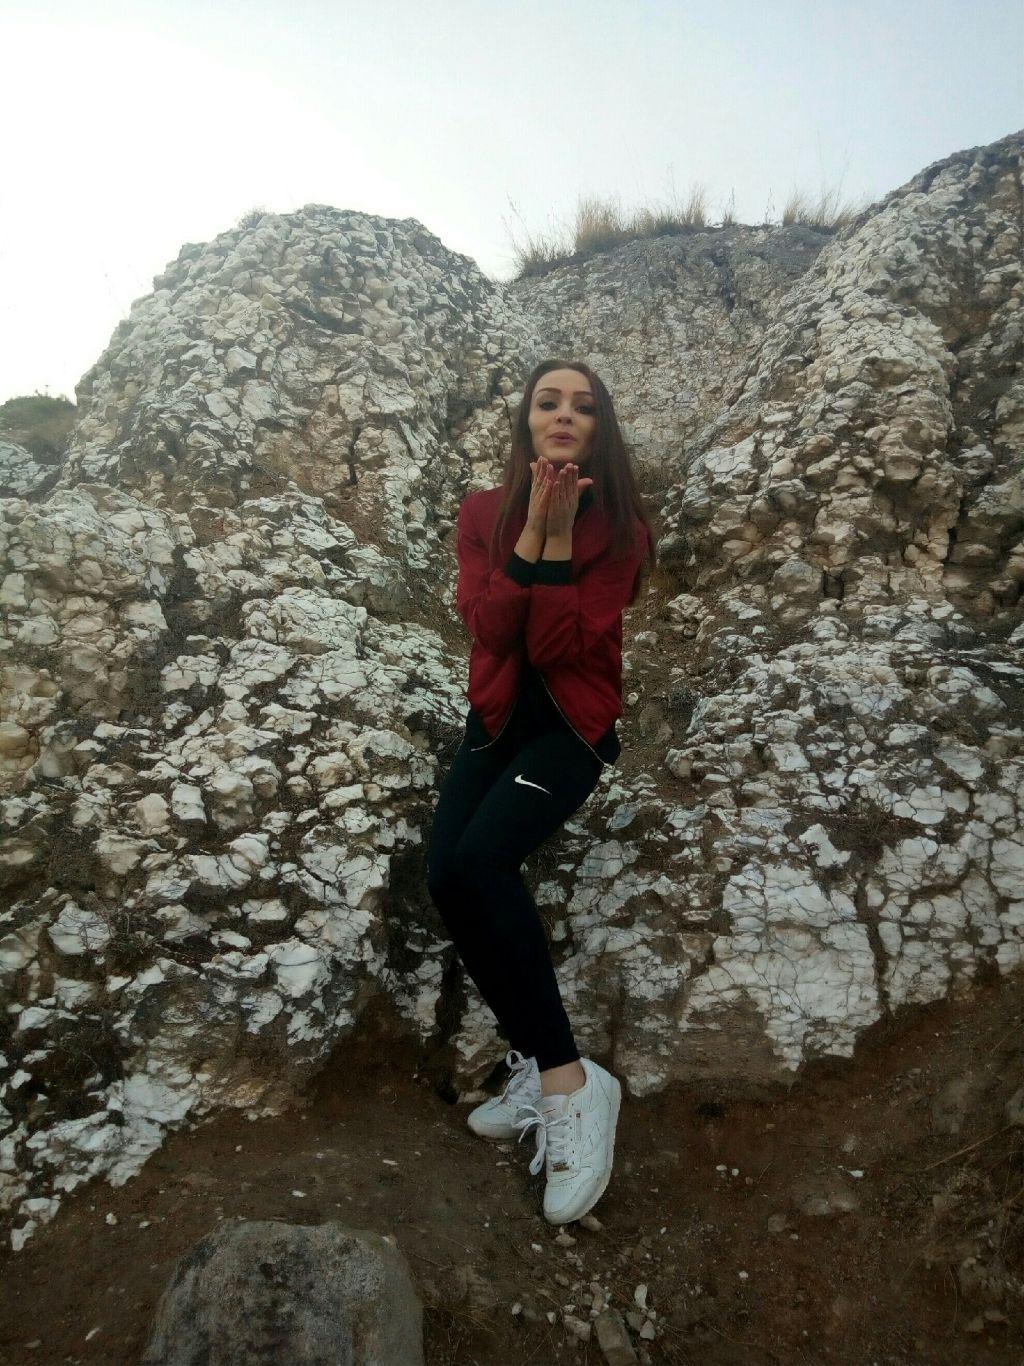 #пермь #кунгурскиепещеры #навысоте #remixit